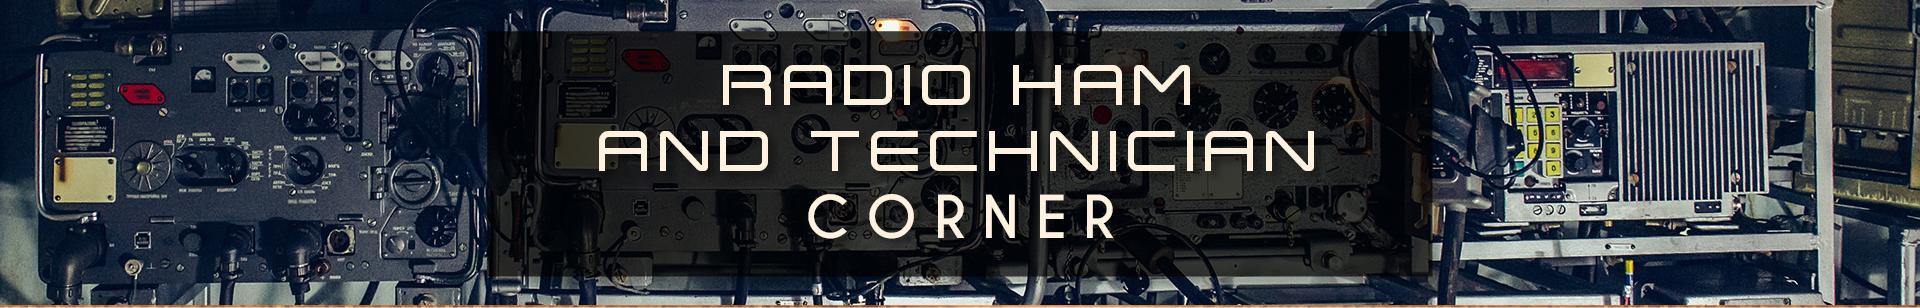 Radio ham Corner